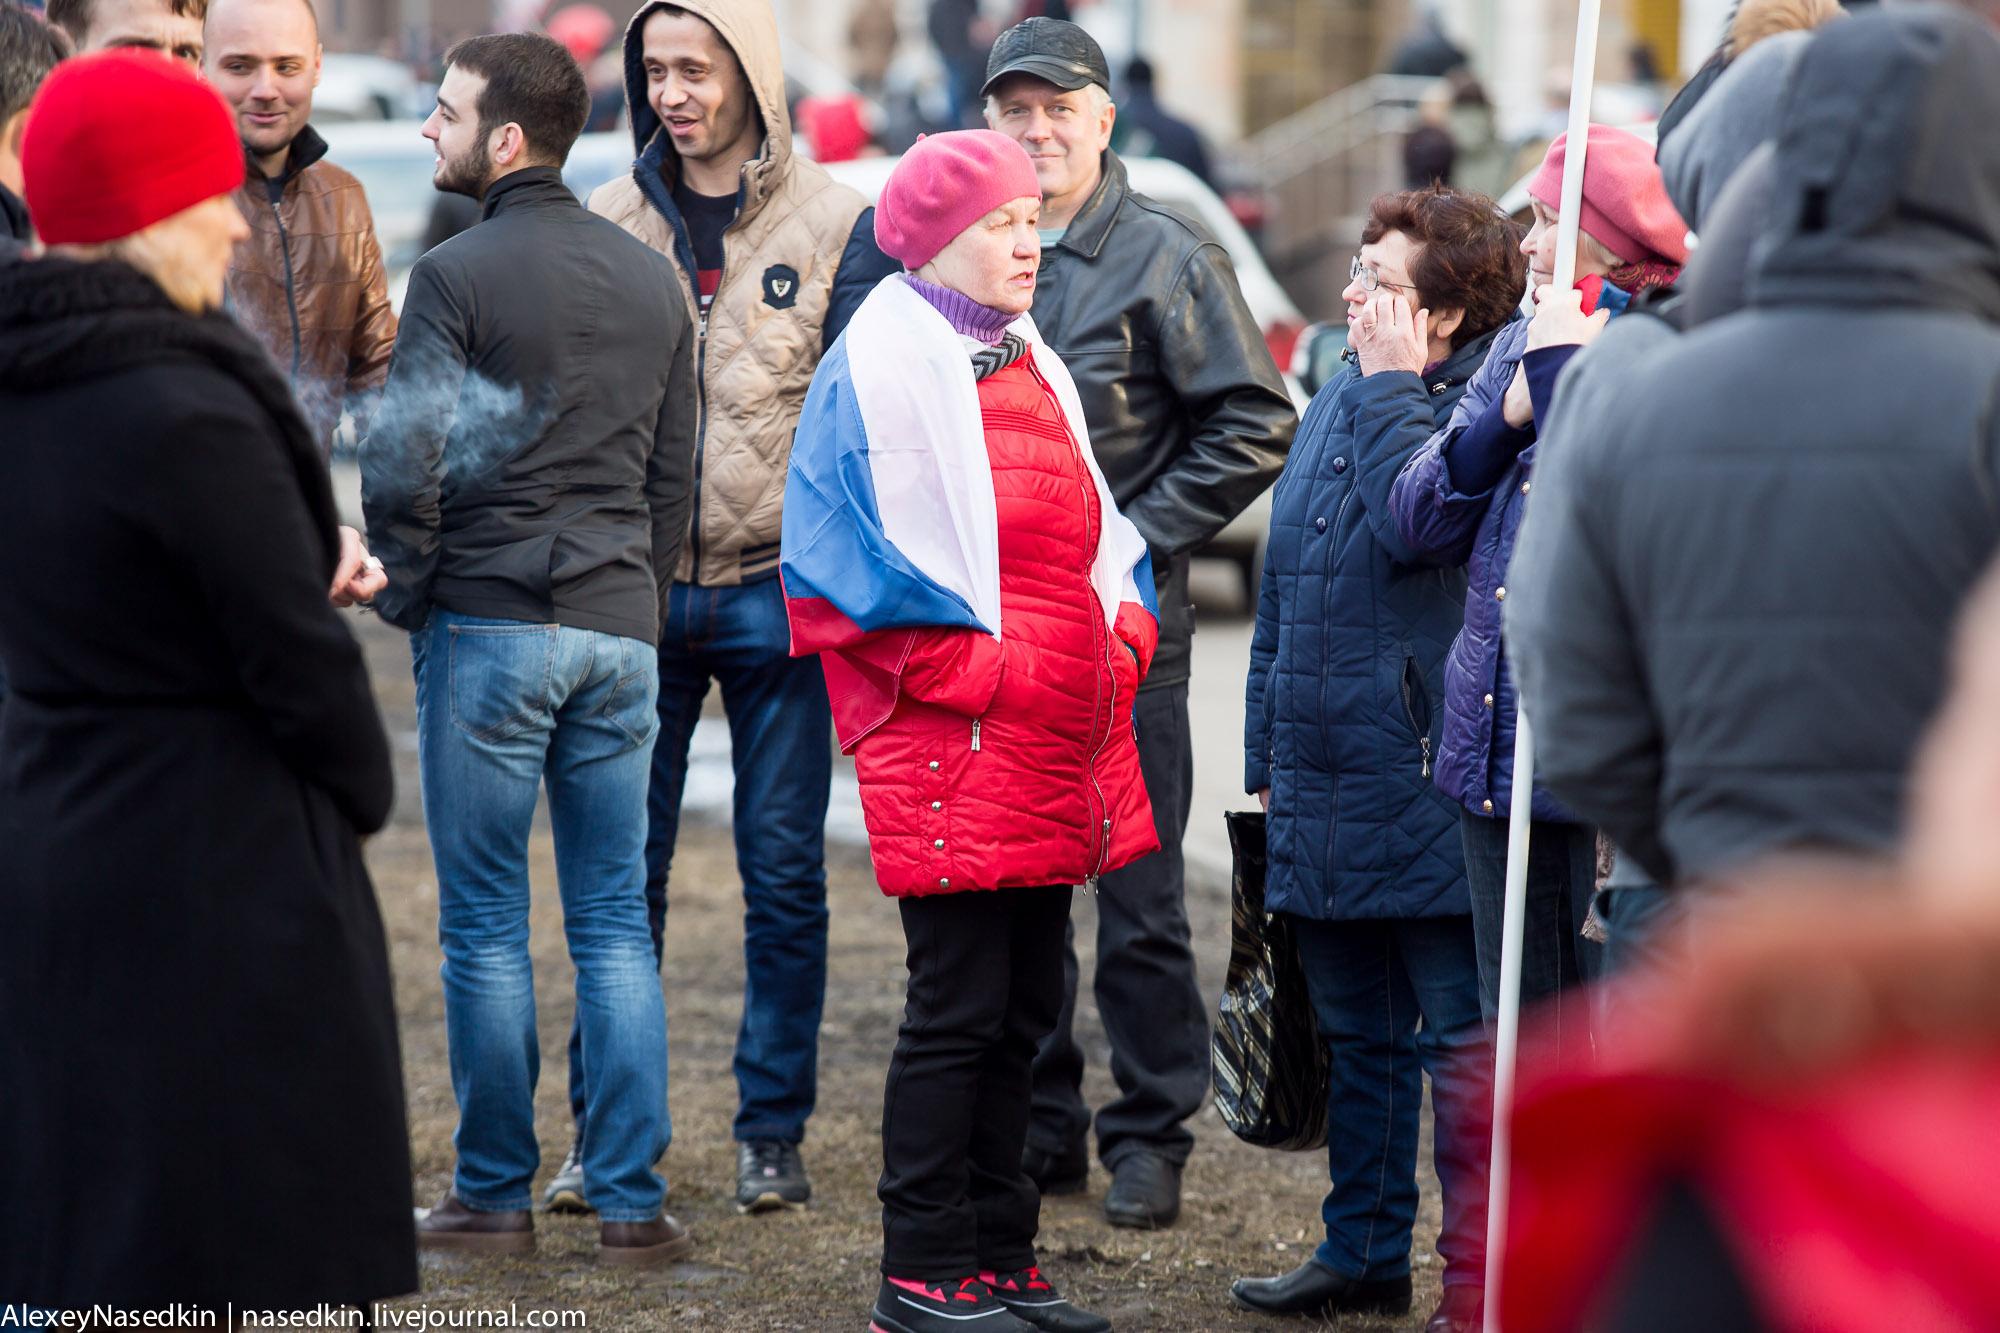 КРЫМНАШ-2017. Как люди шли на народный праздник (ФОТО) GA8A5301.jpg